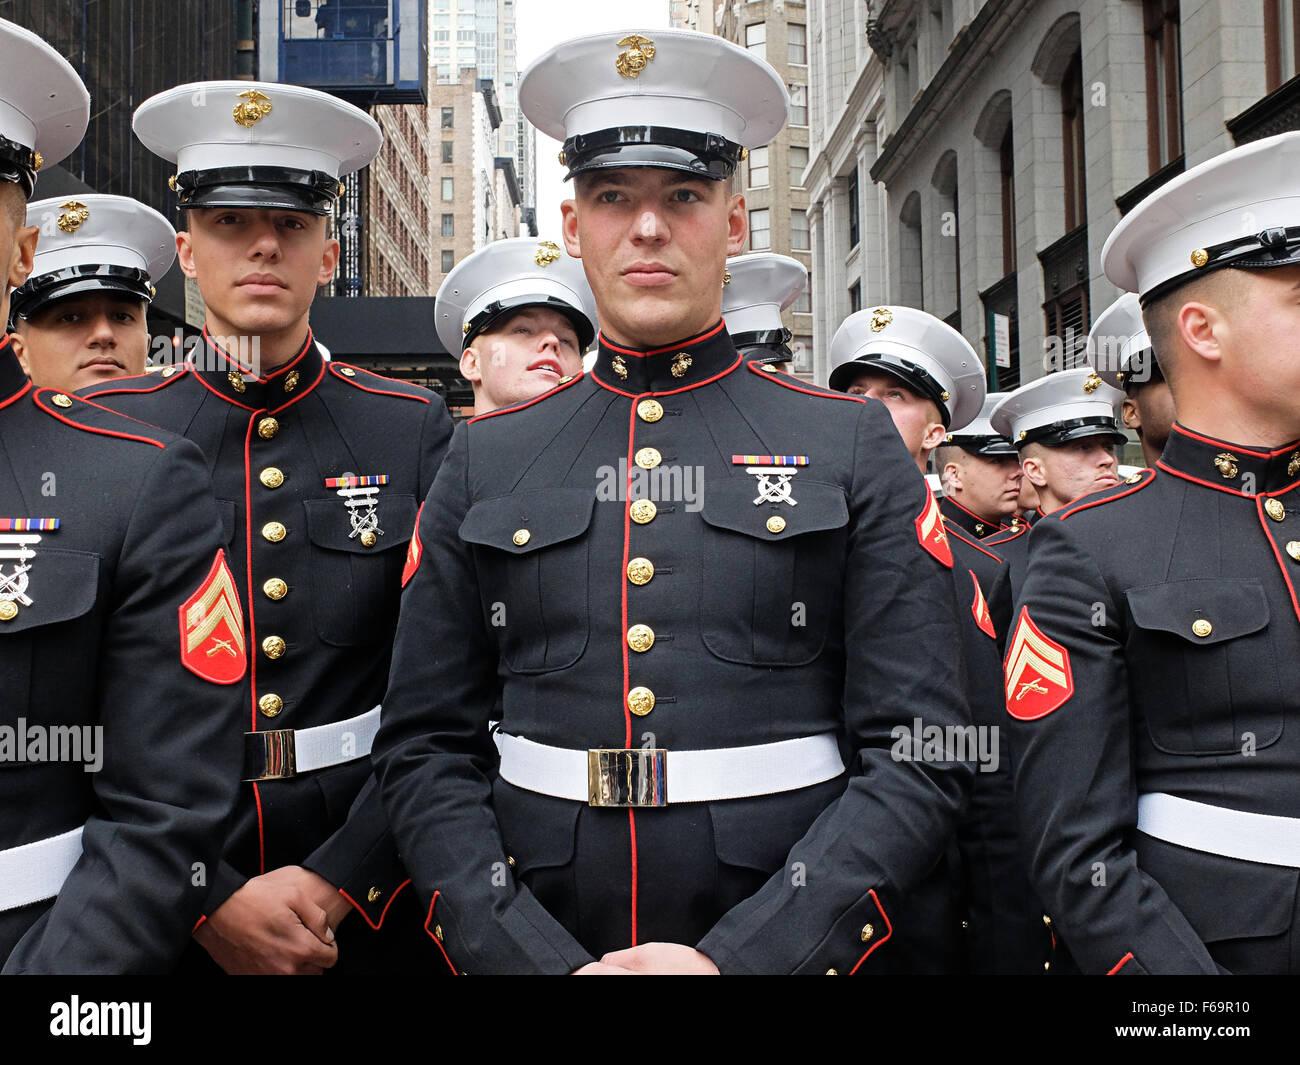 Un groupe de Marines américains en uniforme avant le 2015 Veteran's Day Parade à New York City Photo Stock